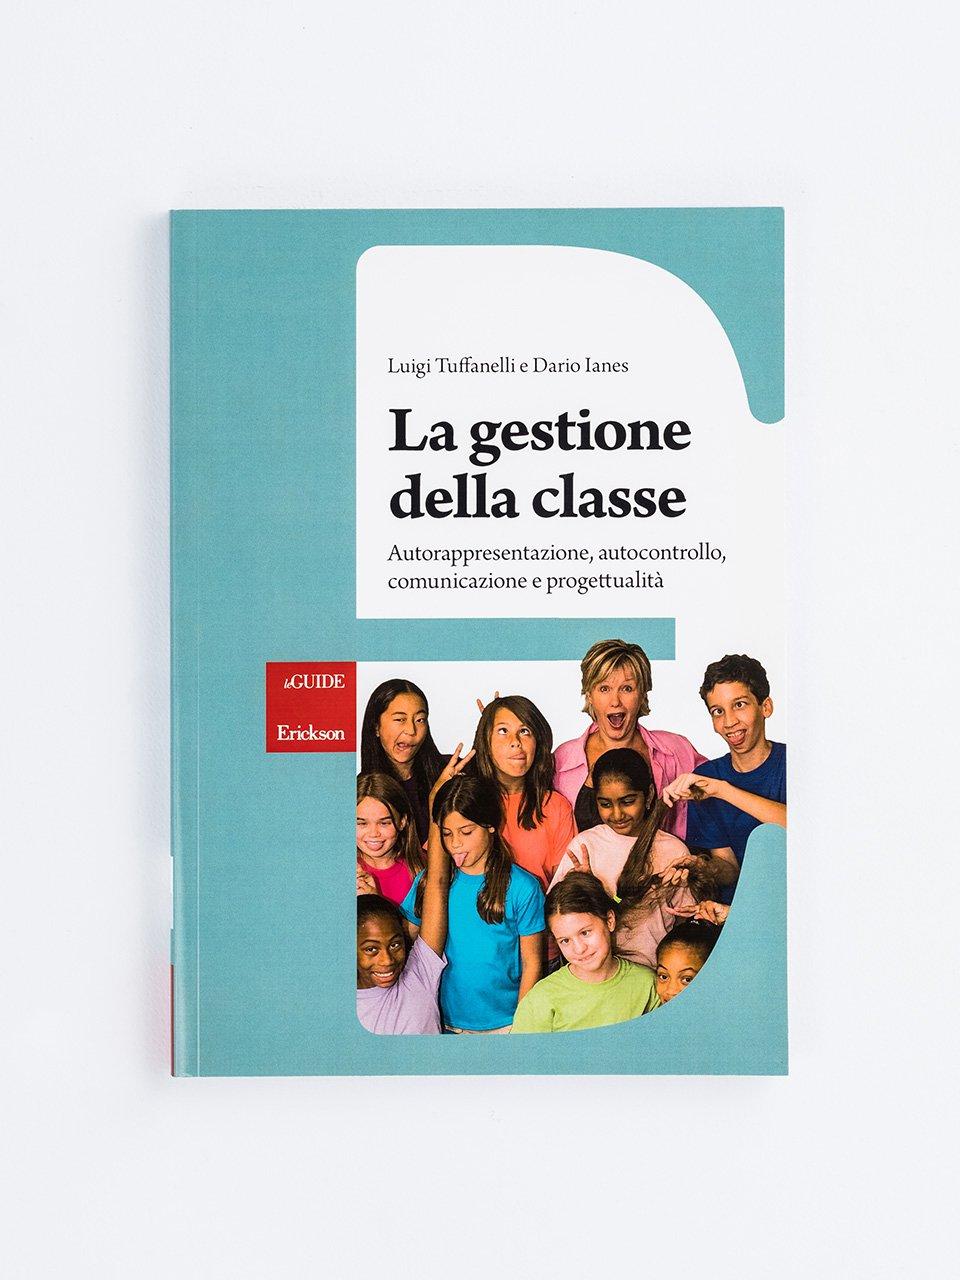 La gestione della classe - Disabilità intellettiva a scuola - Libri - Erickson